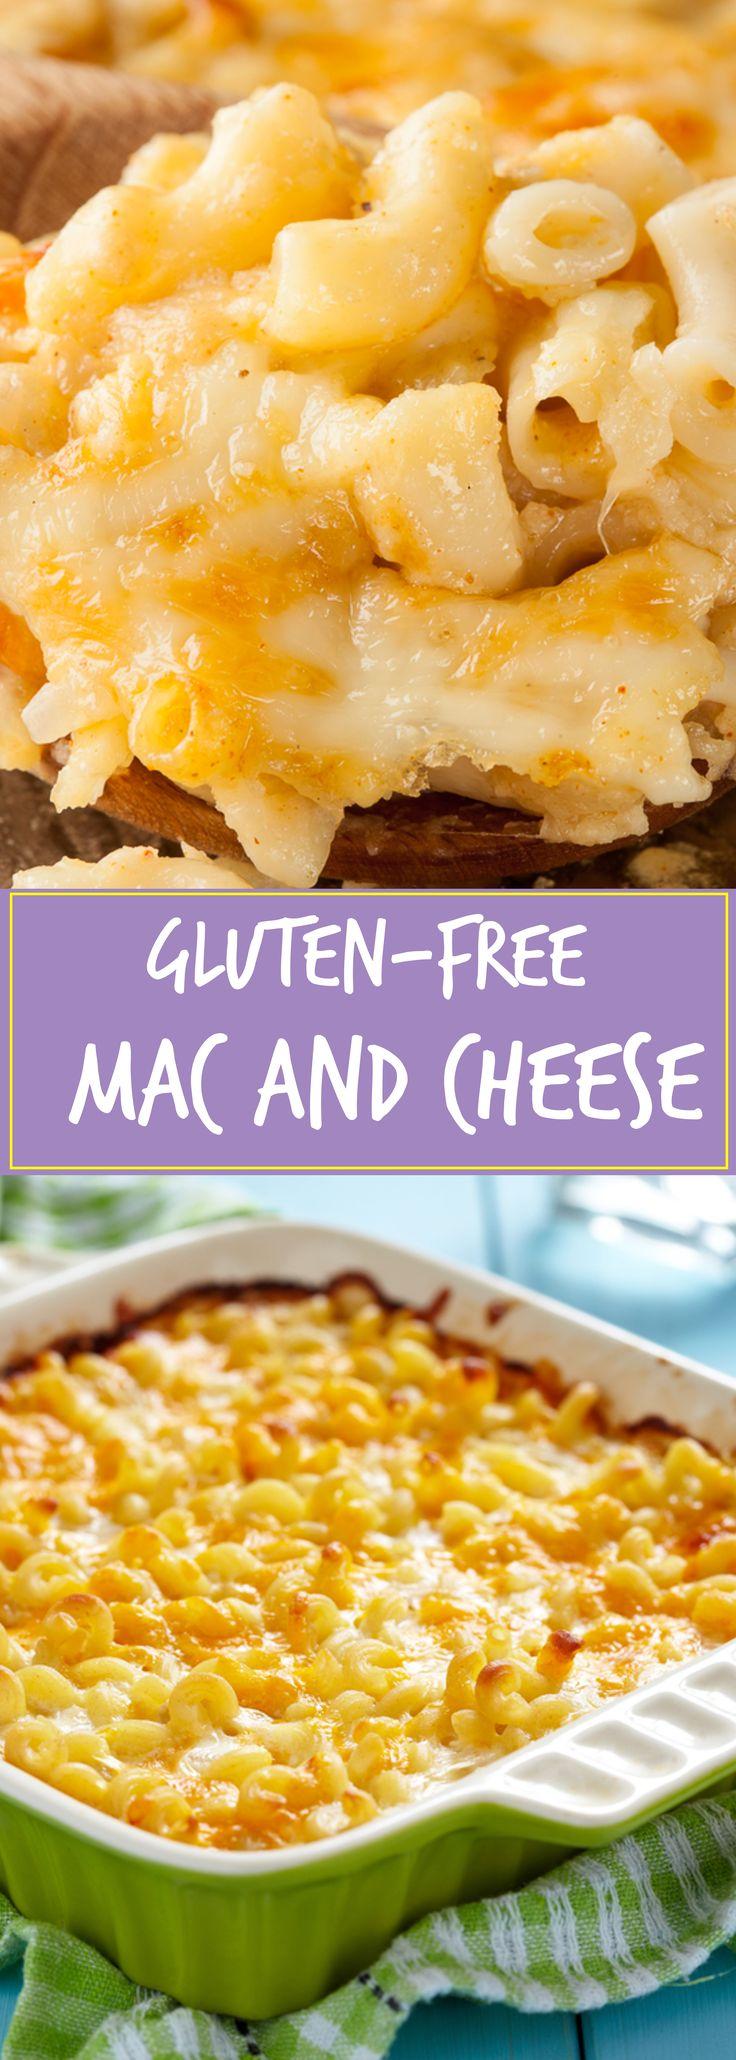 Homemade Gluten Free Mac and Cheese // agirlworthsaving.net // #homemade #glutenfree #realfood #comfortfood